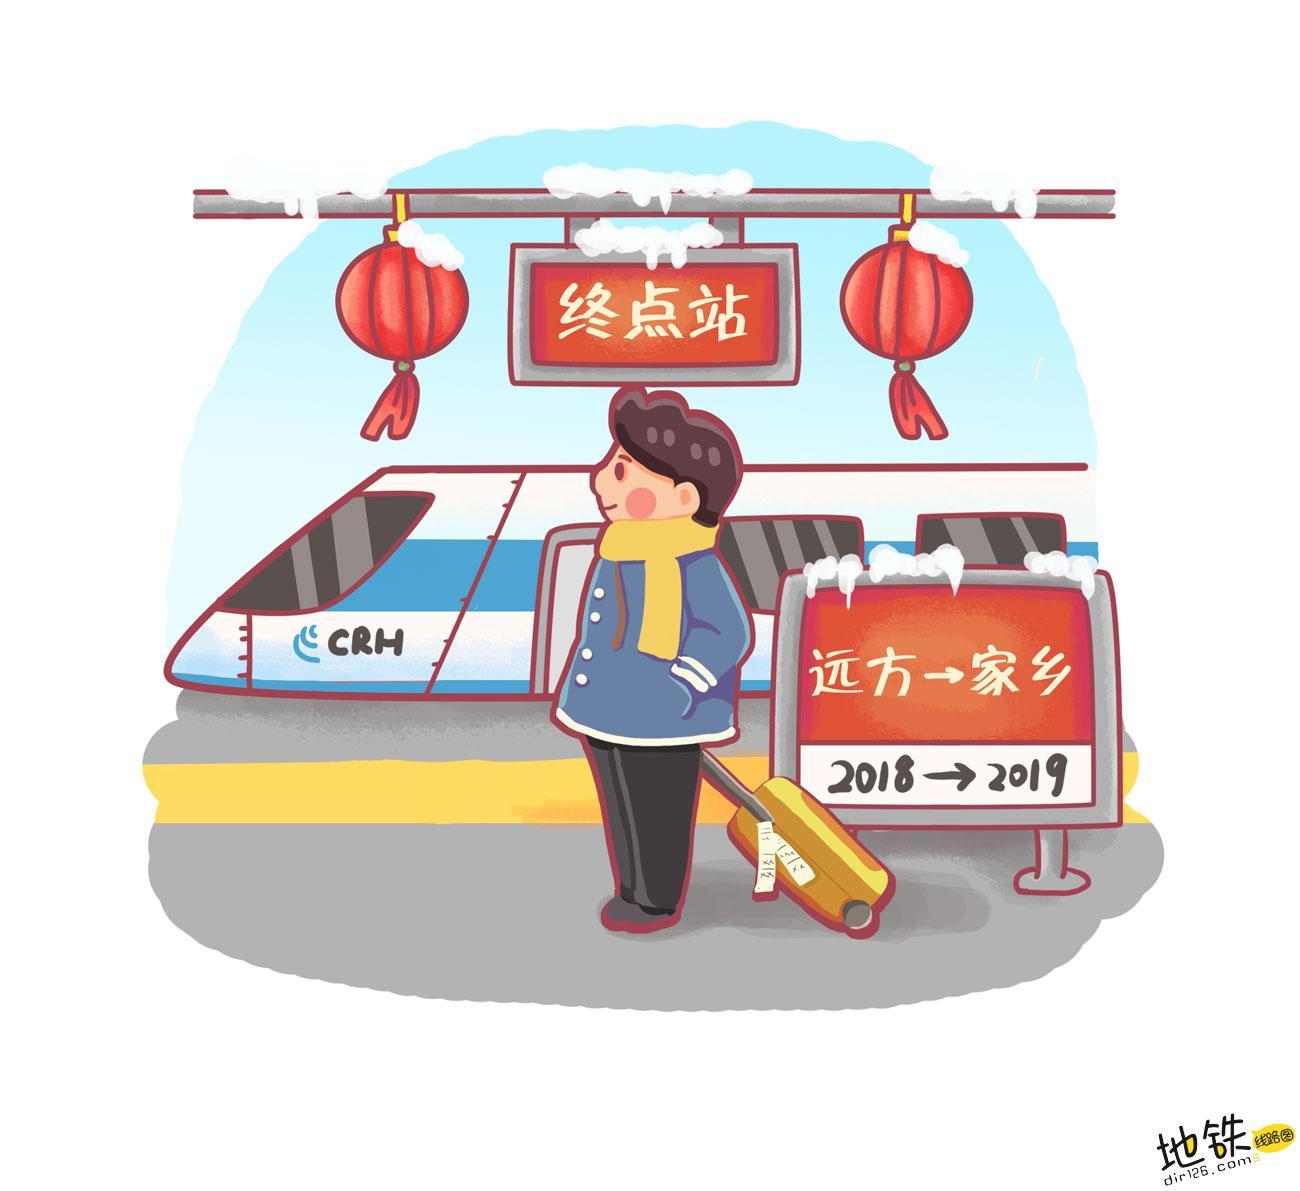 中国高铁线路图2019最新高清版(2019.1.5)双旦春运更新